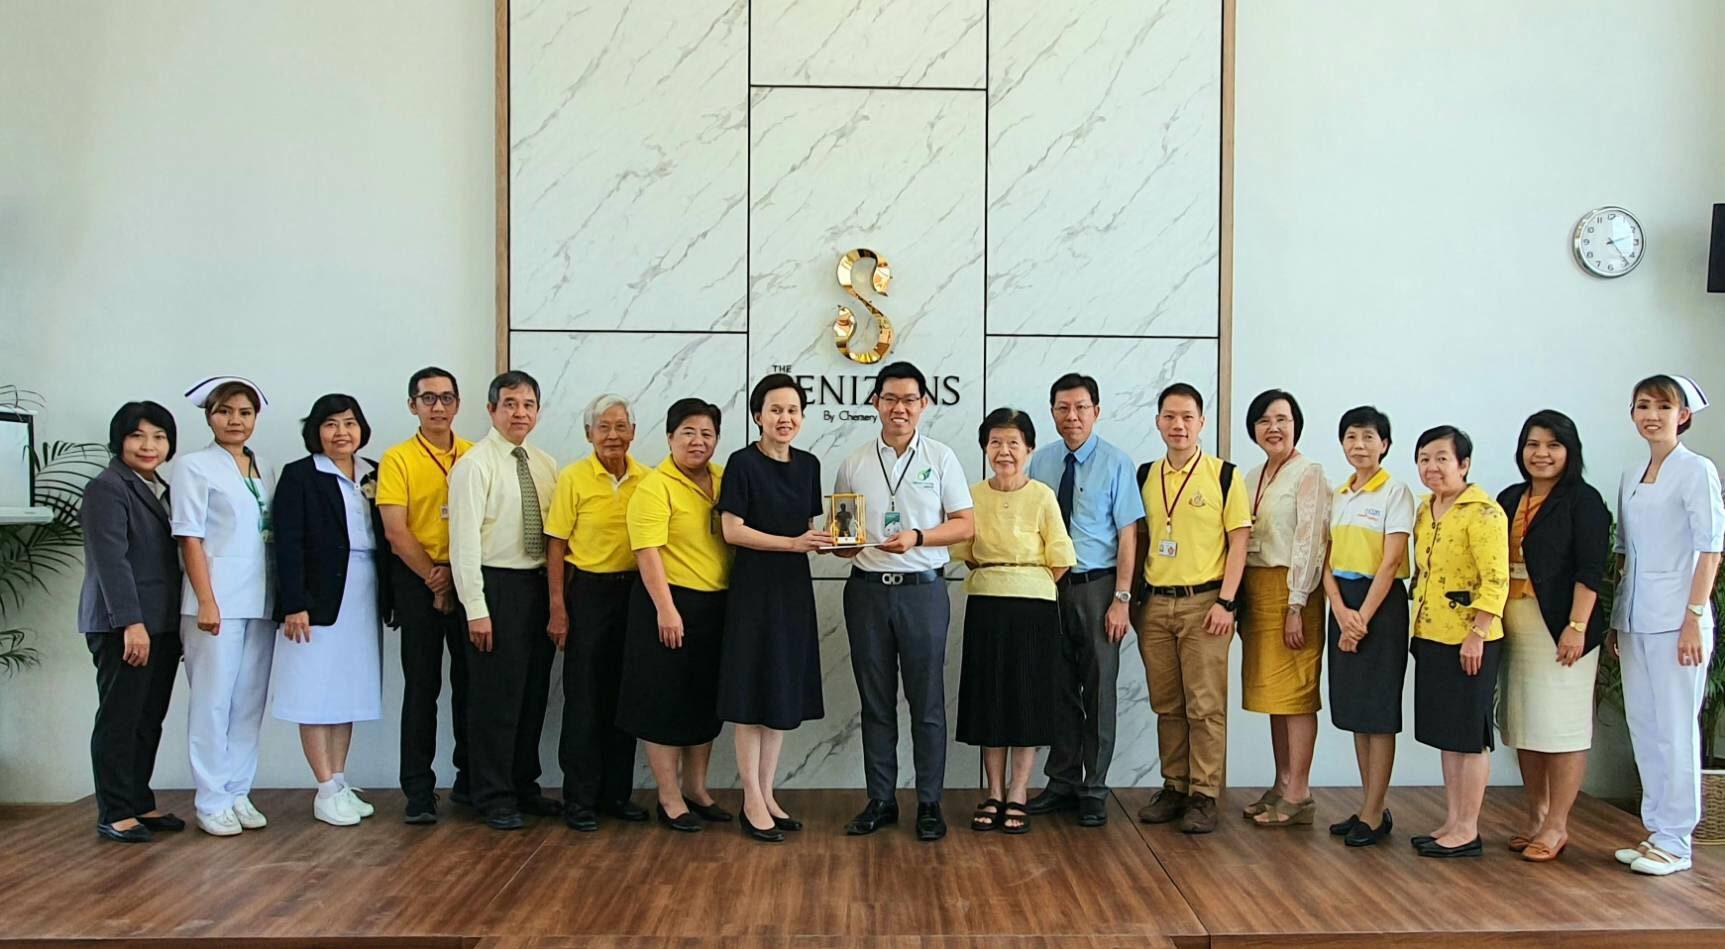 ศูนย์ดูแลฟื้นฟูผู้สูงวัย The Senizens ต้อนรับคณะดูงานจากโรงพยาบาลจุฬาลงกรณ์ สภากาชาดไทย